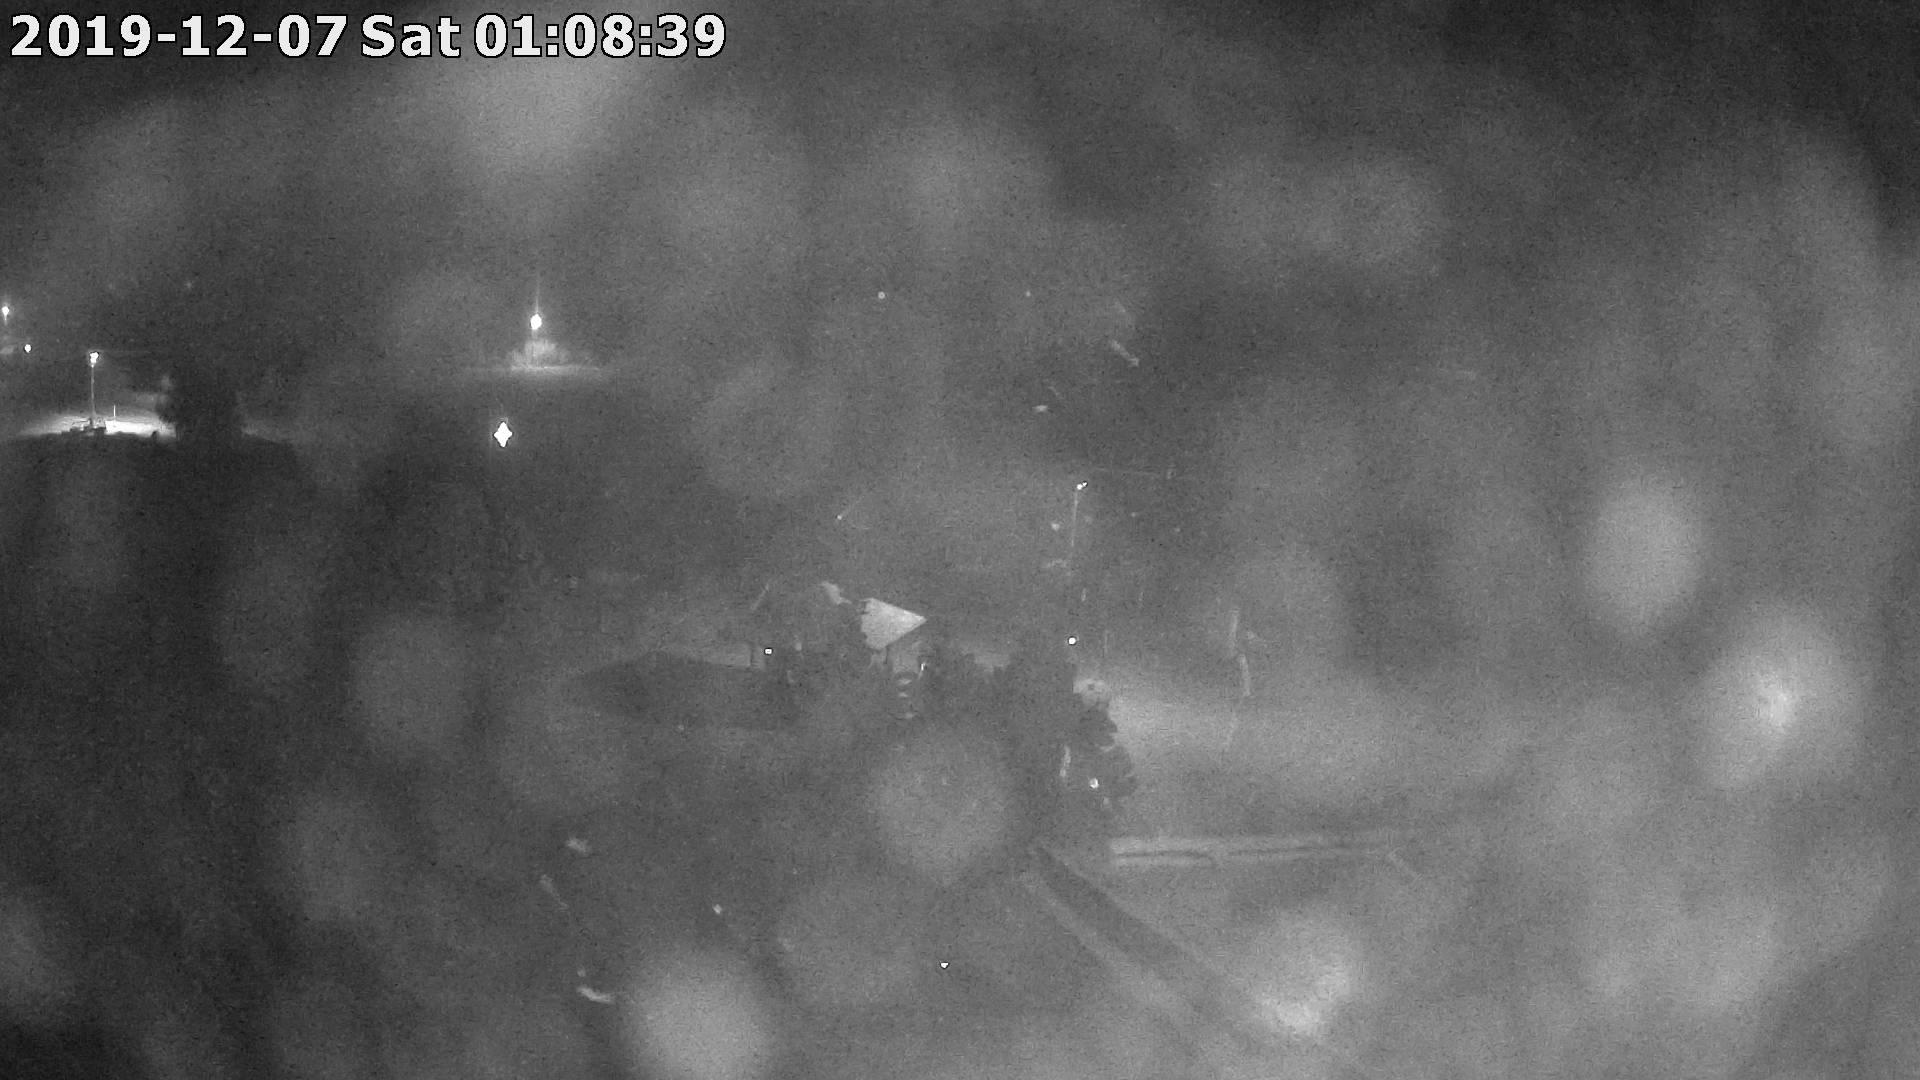 Webkamera ze dne 2019-12-07